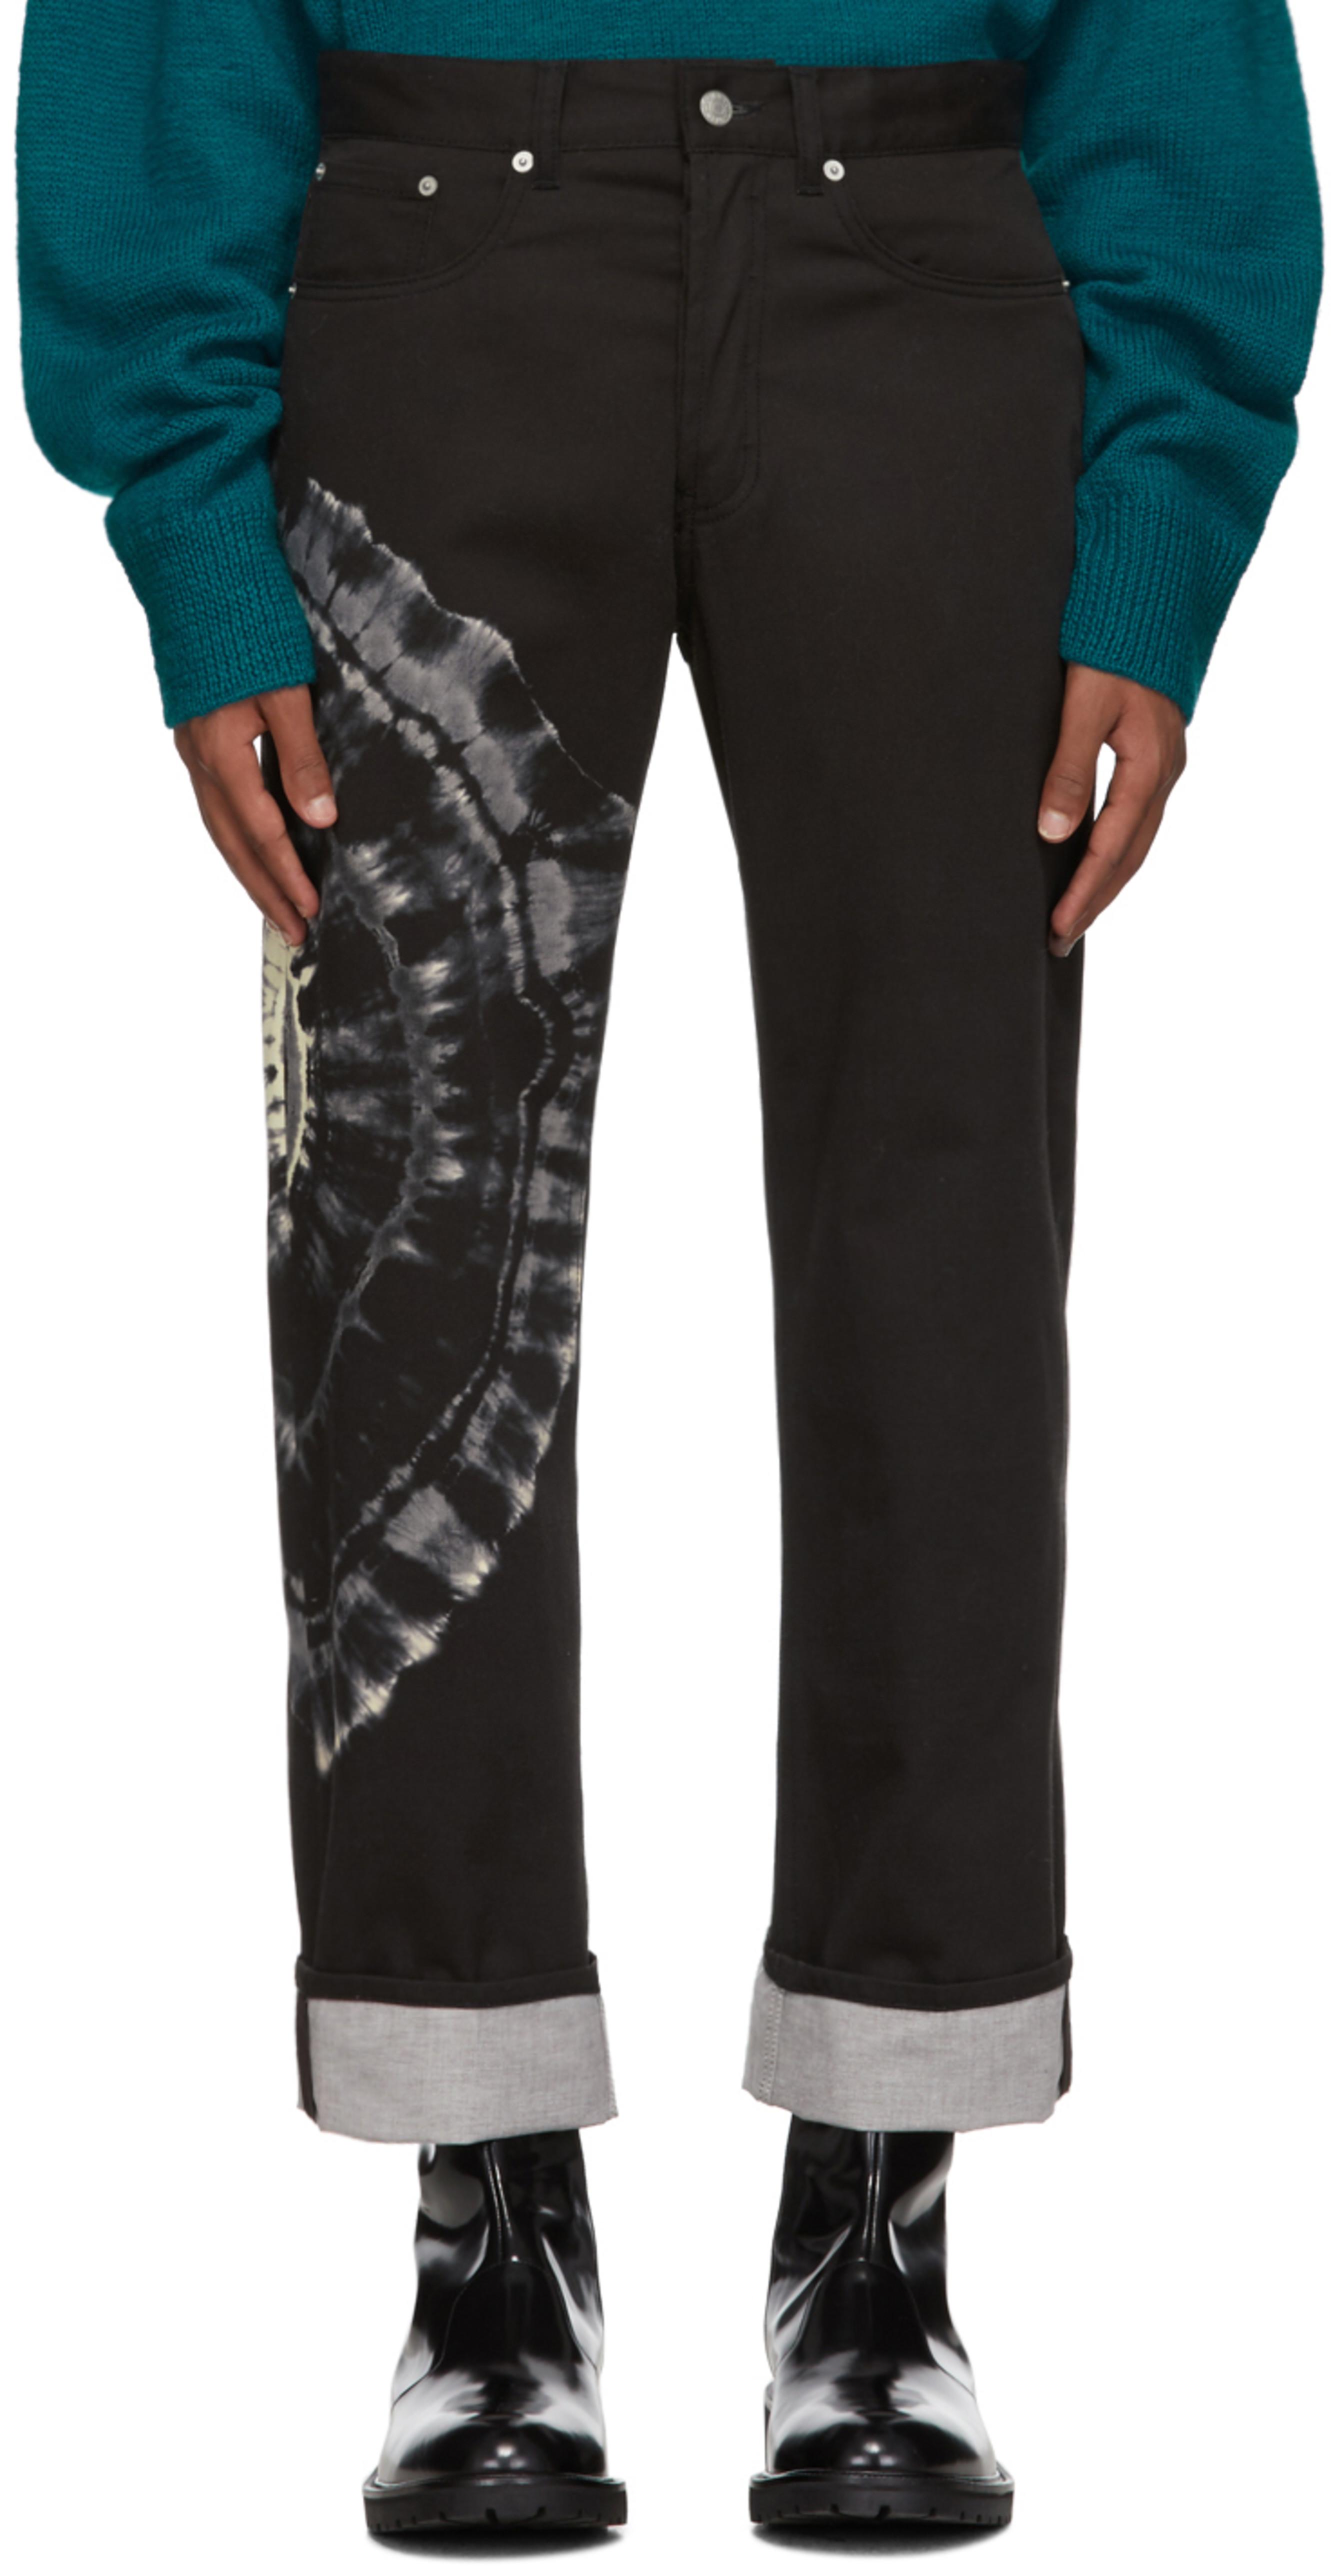 fc14eda6a41 Black Tie-Dye Panthero Jeans